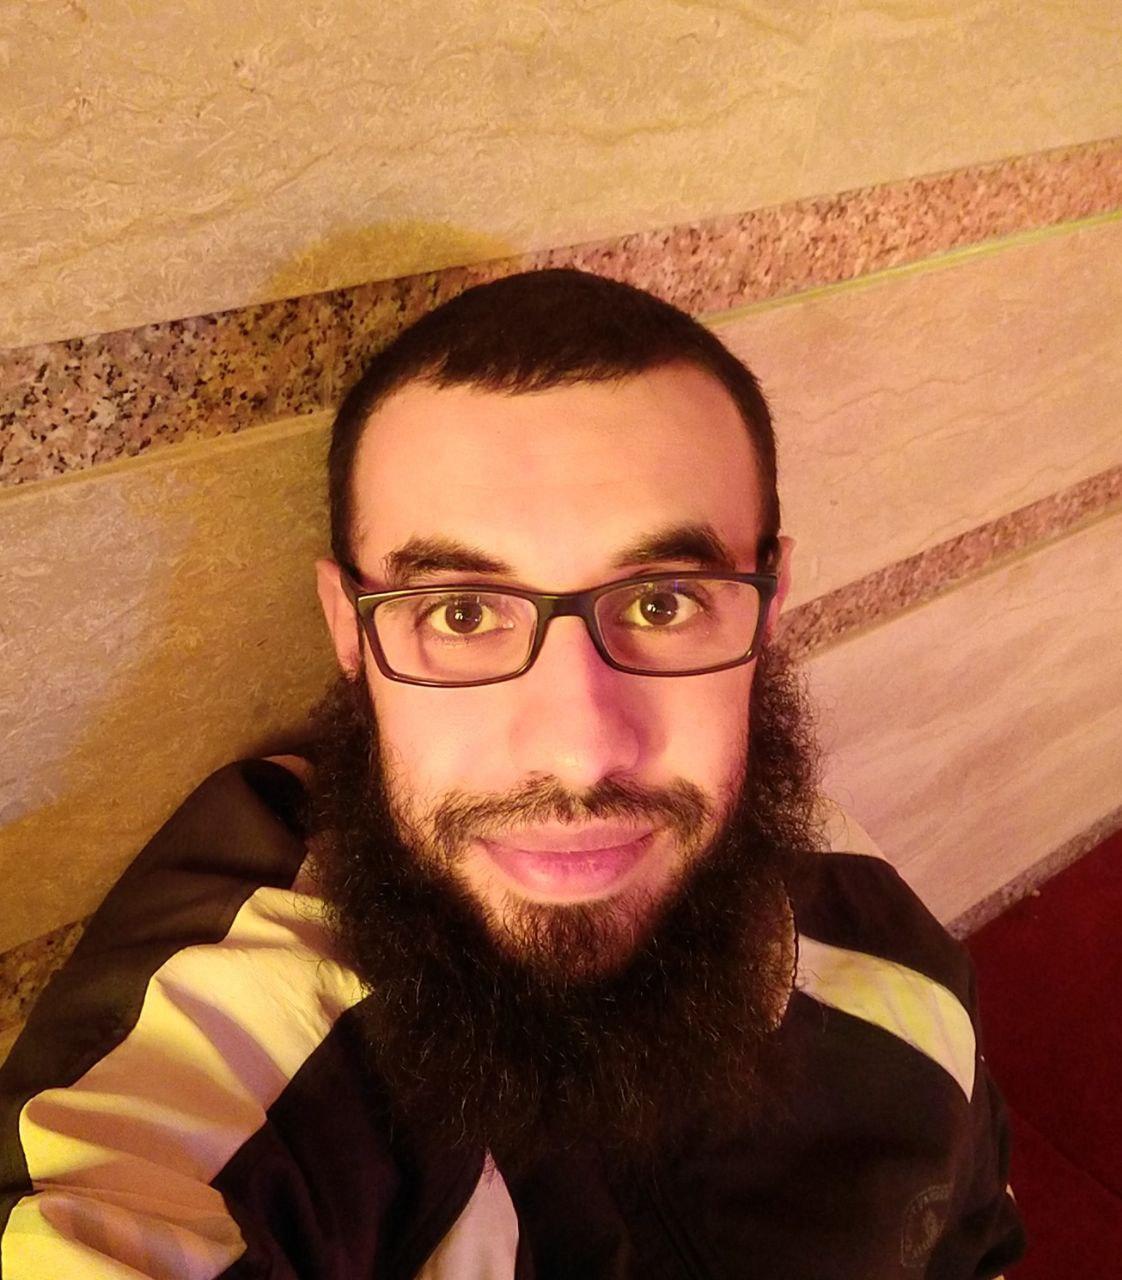 Taher avatar